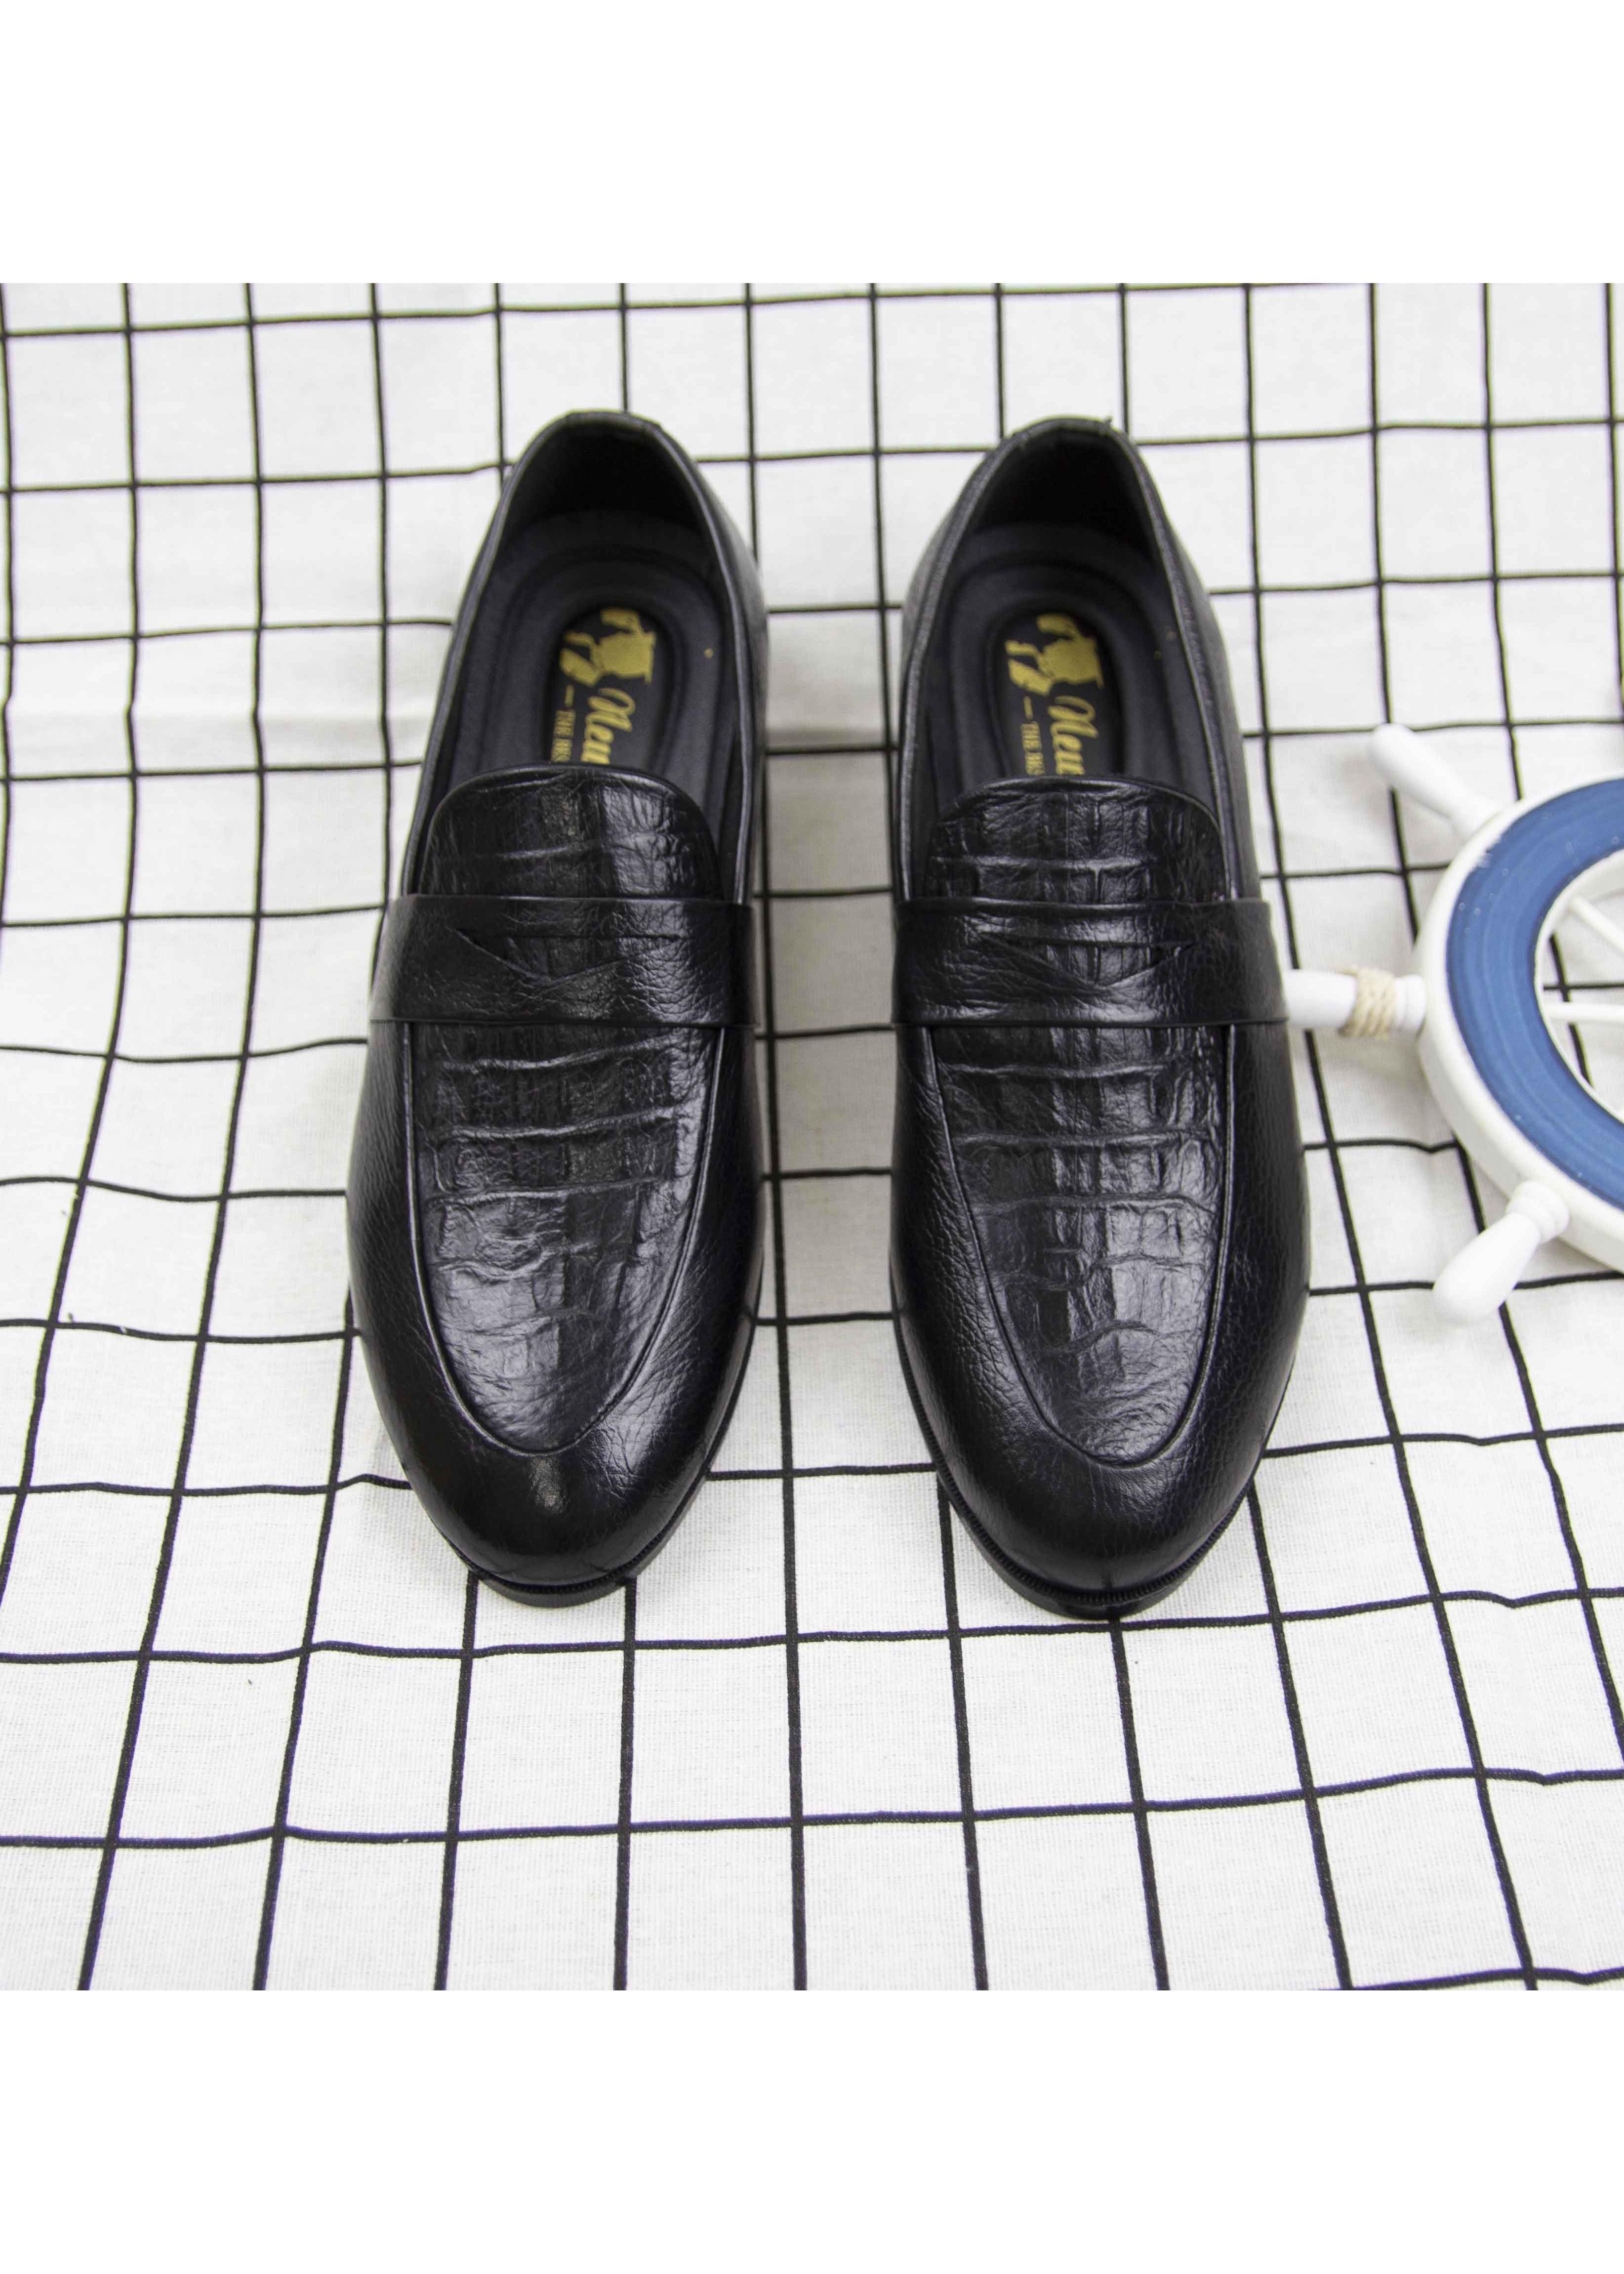 Giày lười da bò nam, thiết kế dập vân cá sấu thời thượng, đế cao su 3 cm nguyên chất đi êm, bền, giày gia công trong nước, kiểu dáng công sở, giày da màu đen lịch lãm GD11